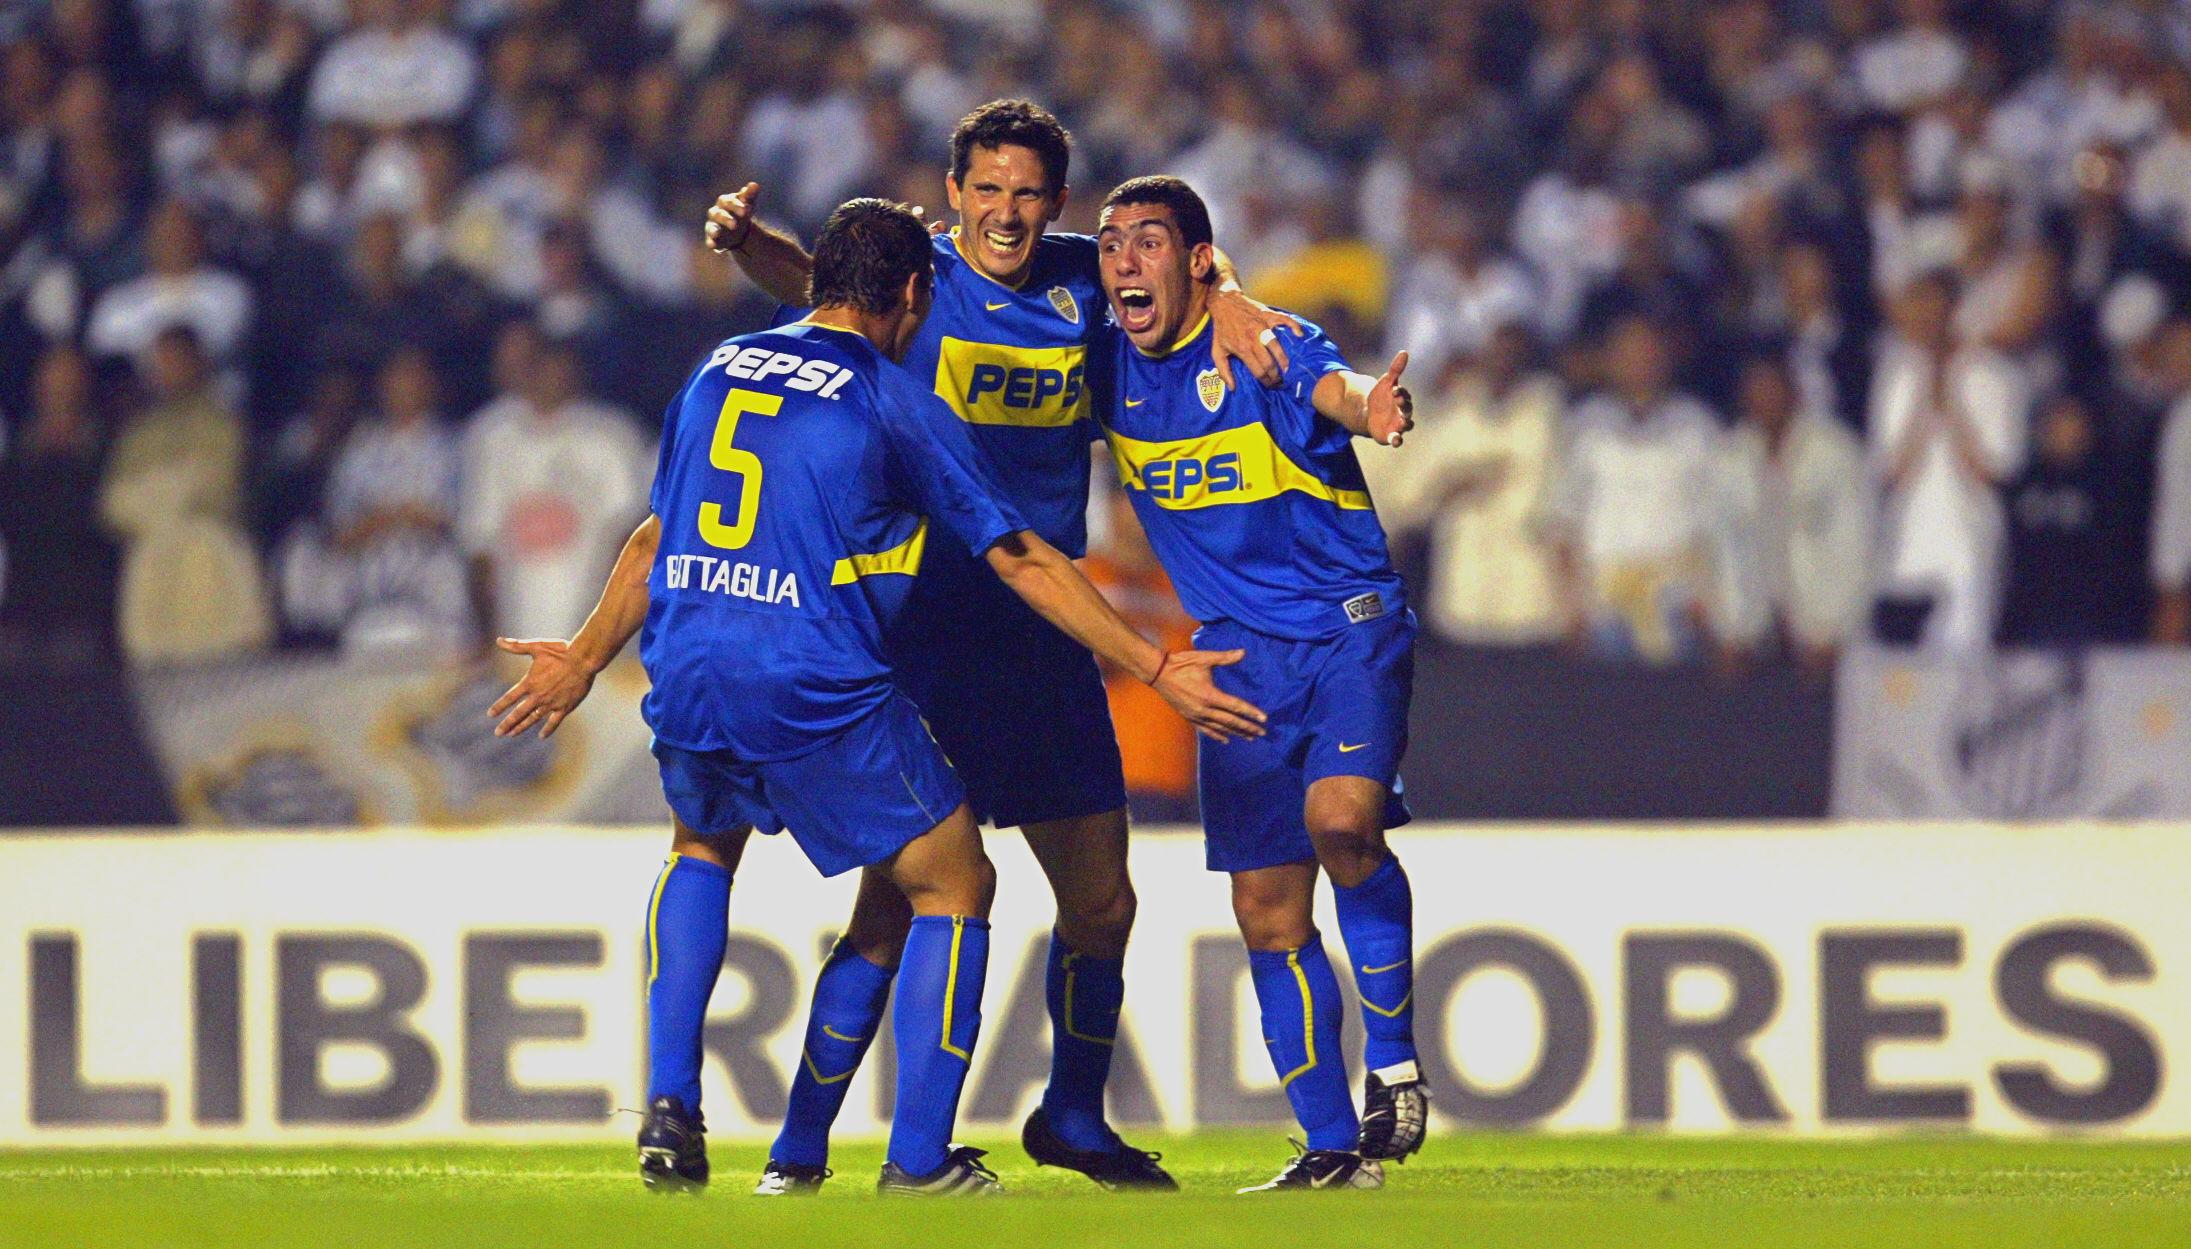 Boca campeón Copa Libertadores 2003 | Copa Libertadores